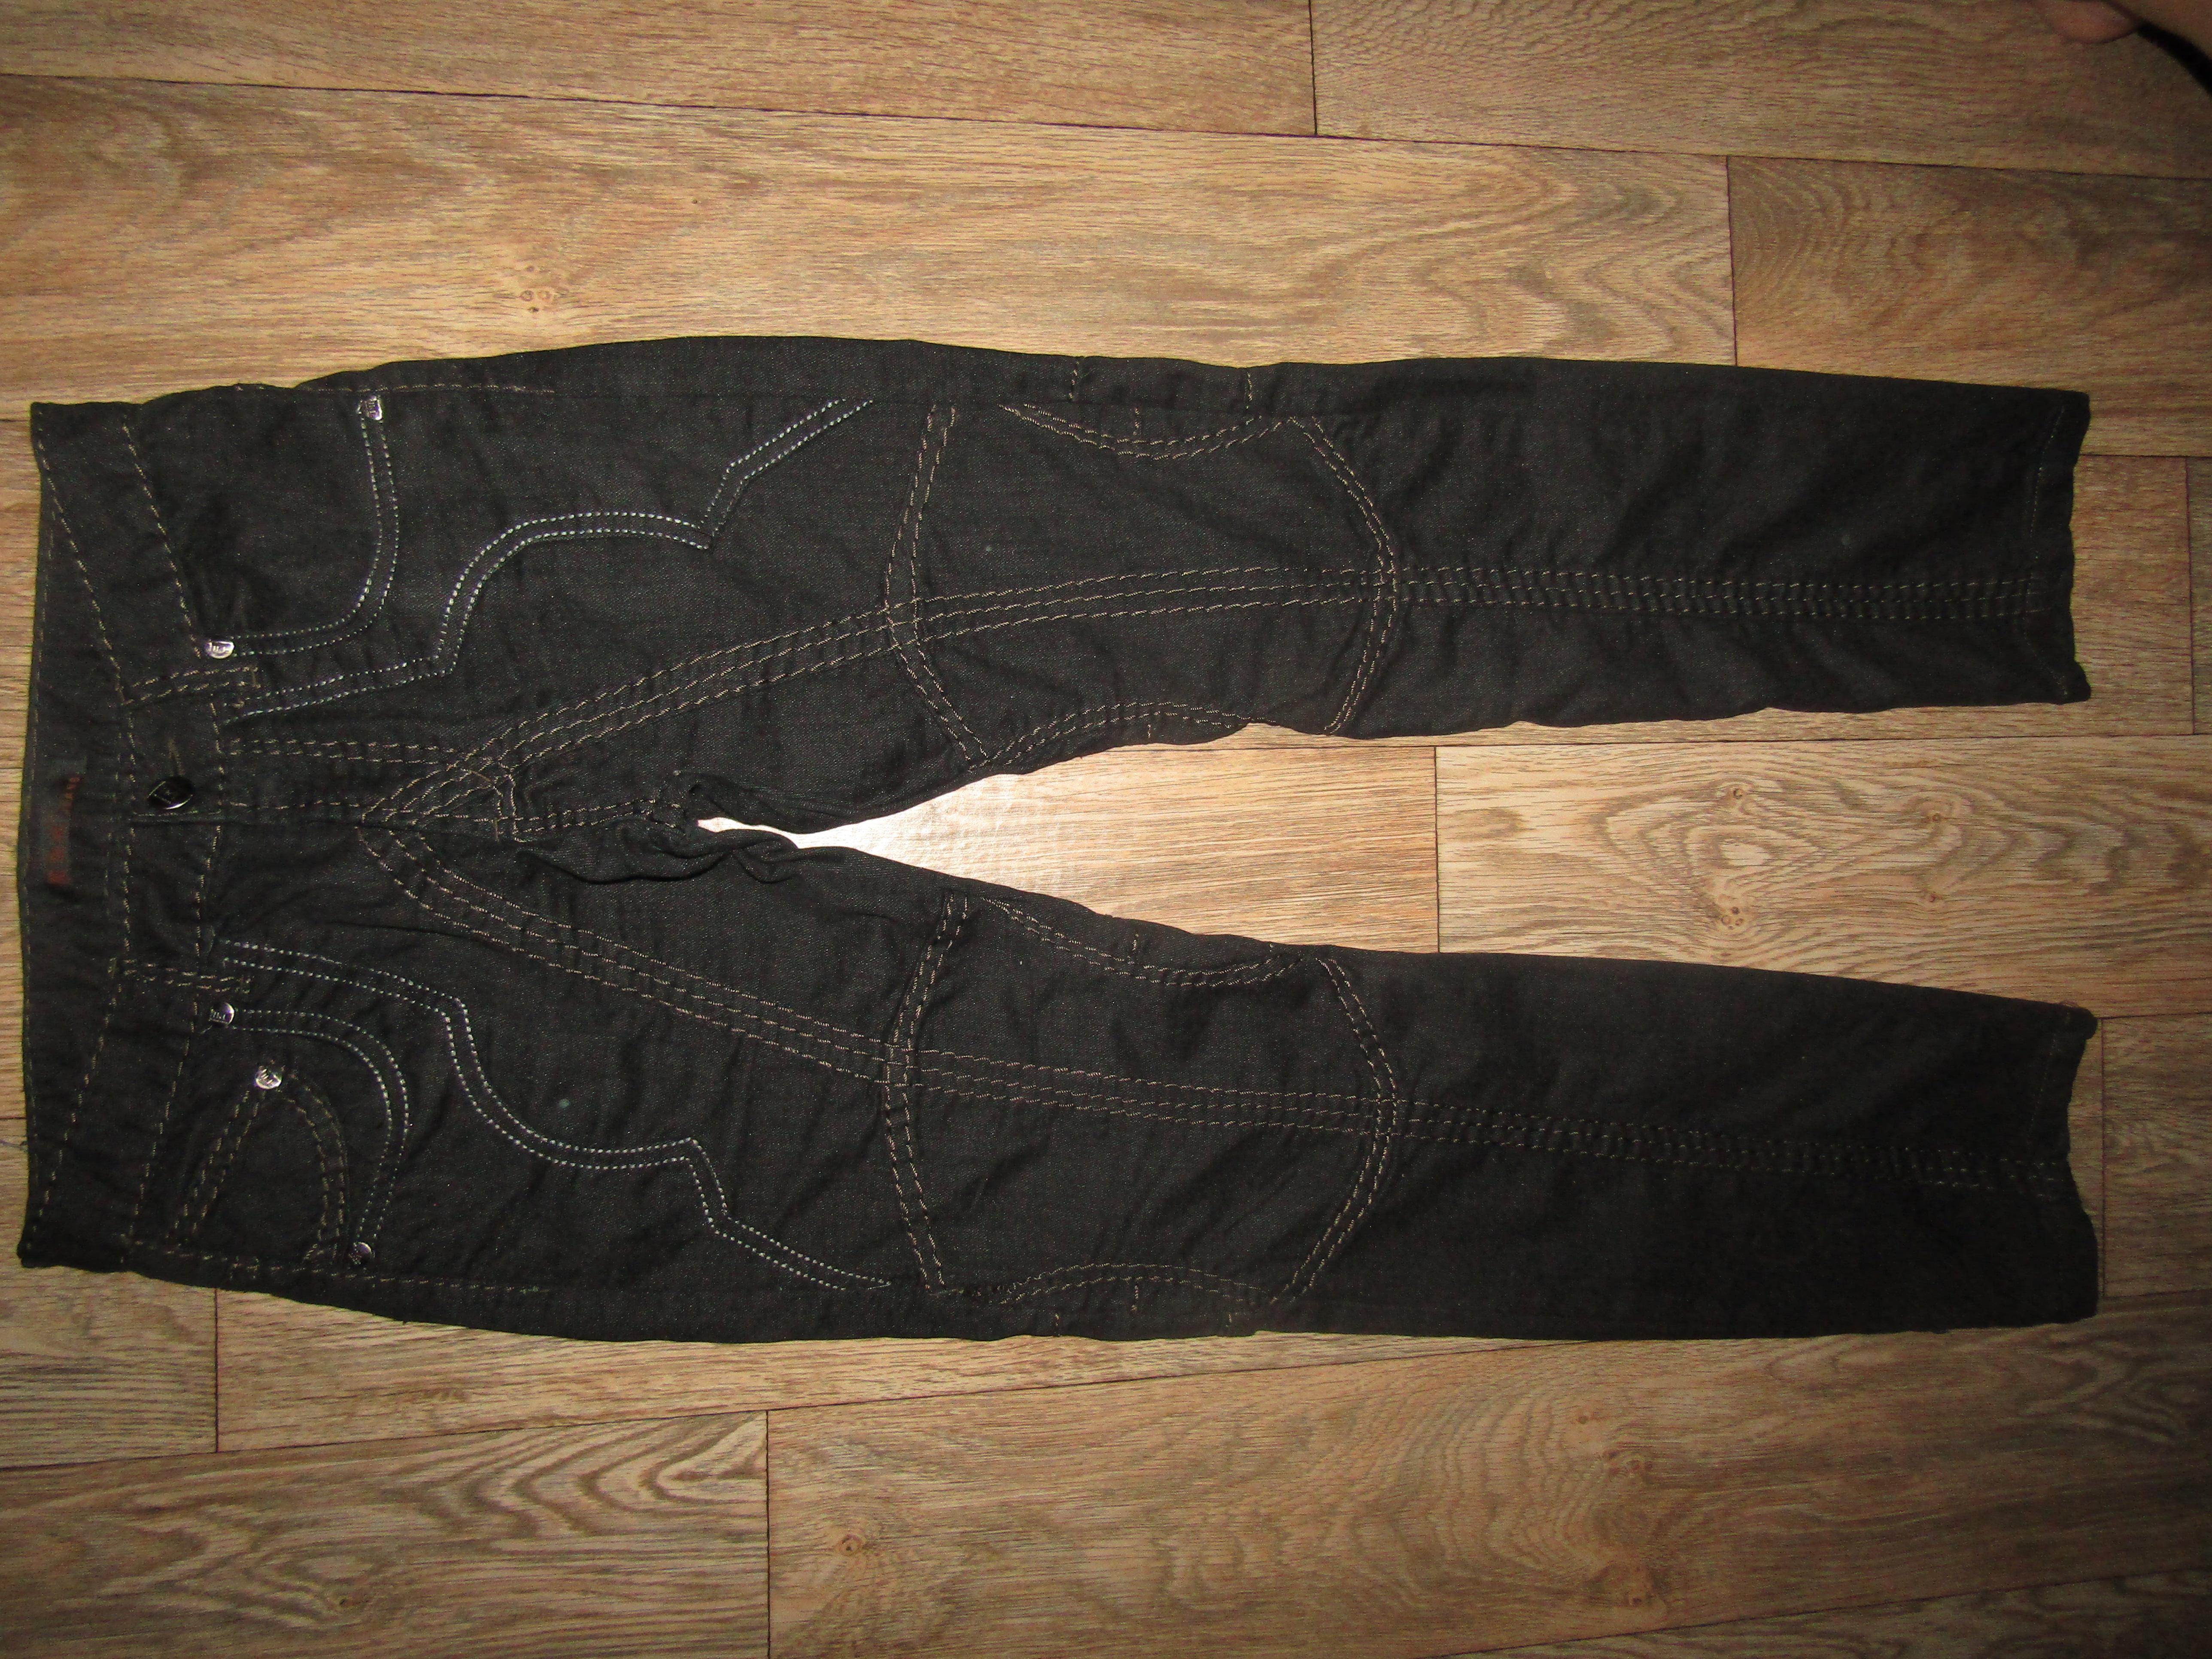 джинсы мужские р-р 30 сост новых